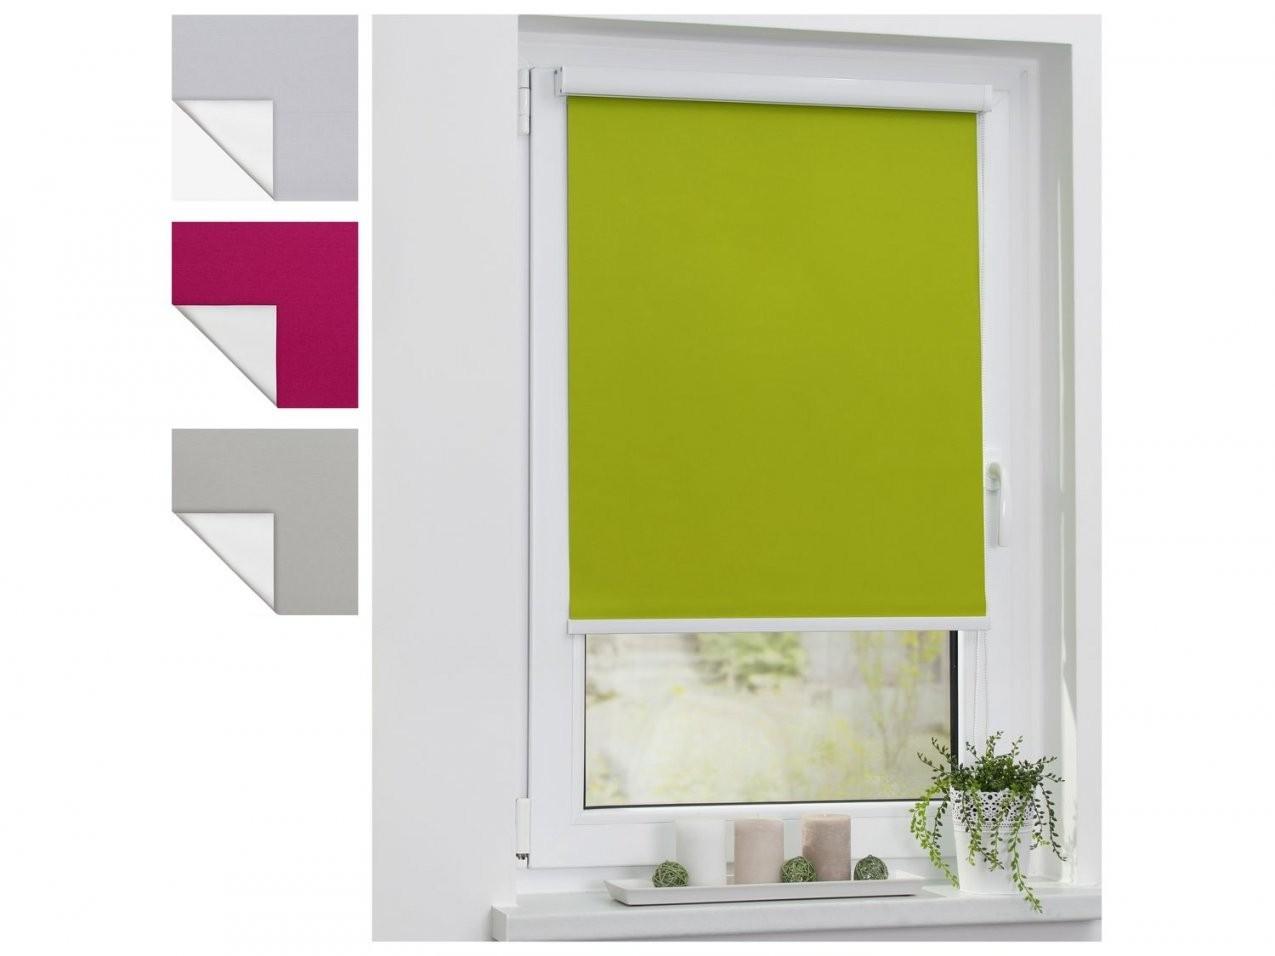 Lichtblick Thermorollo Klebfix Mit Kassette Ohne Bohren von Fenster Rollos Innen Verdunkeln Photo